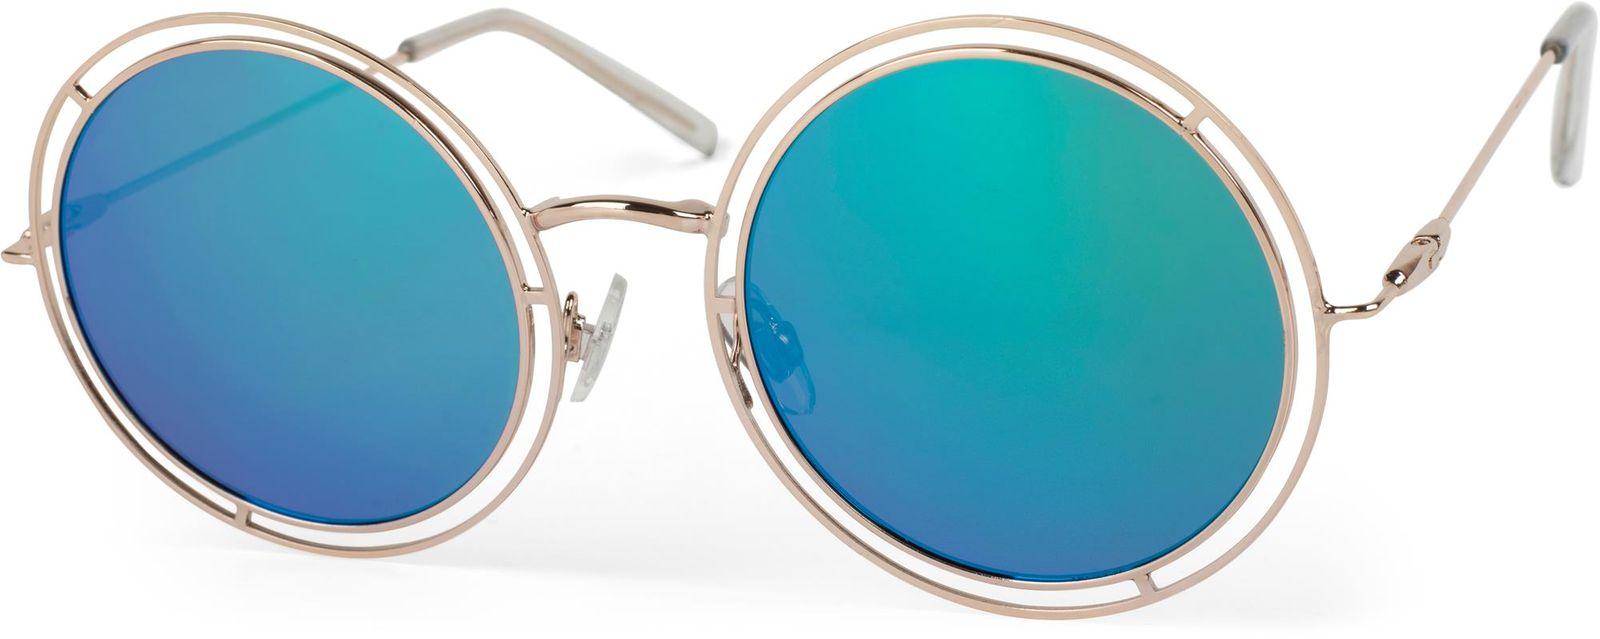 Sonnenbrille Mit Runden Gläsern & Doppeltem Rahmen 1124